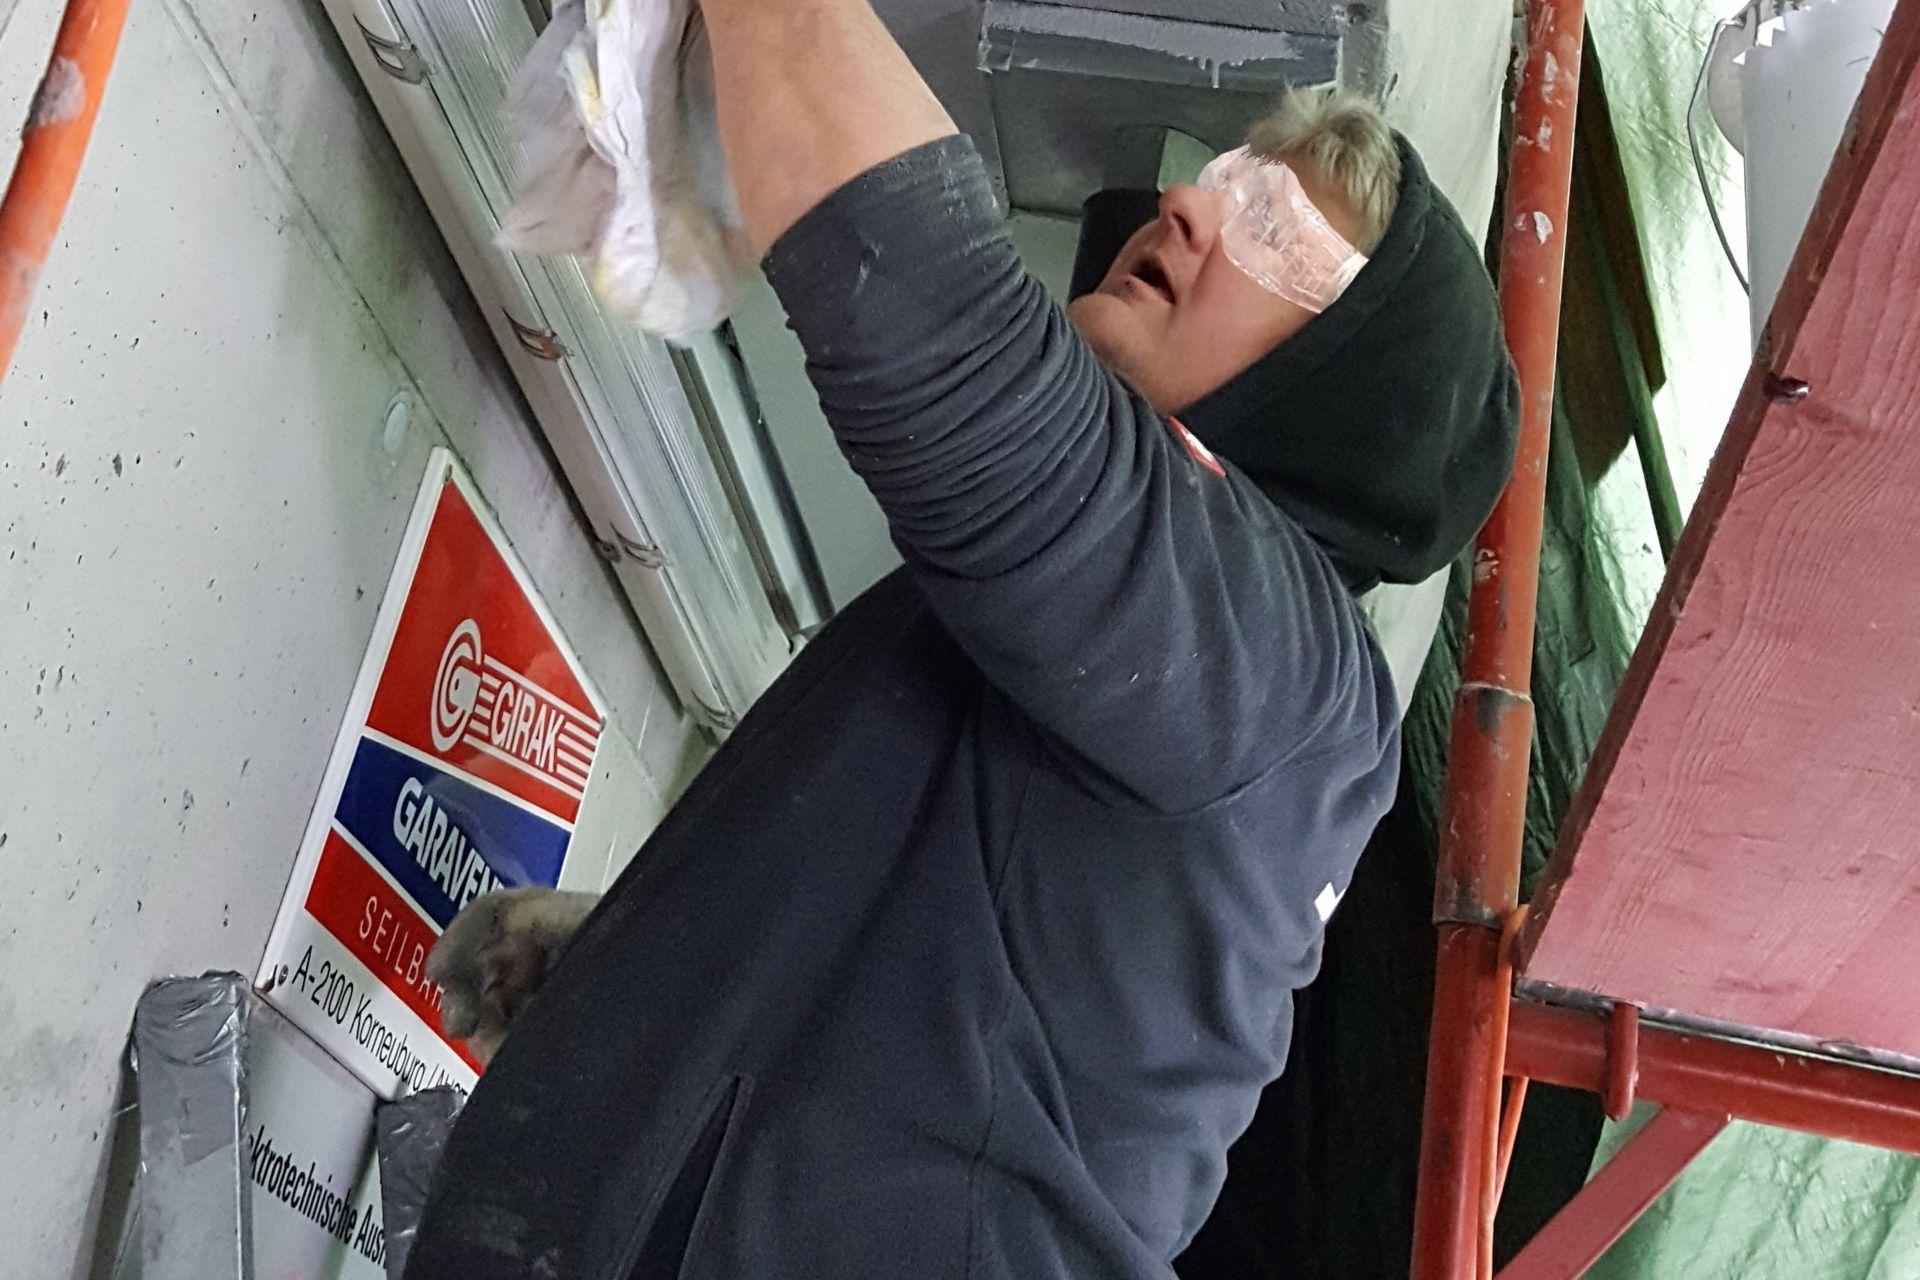 Abdichten der Betonoberfläche zwischen und rund um die Liftmechanik mit Sikafloor359